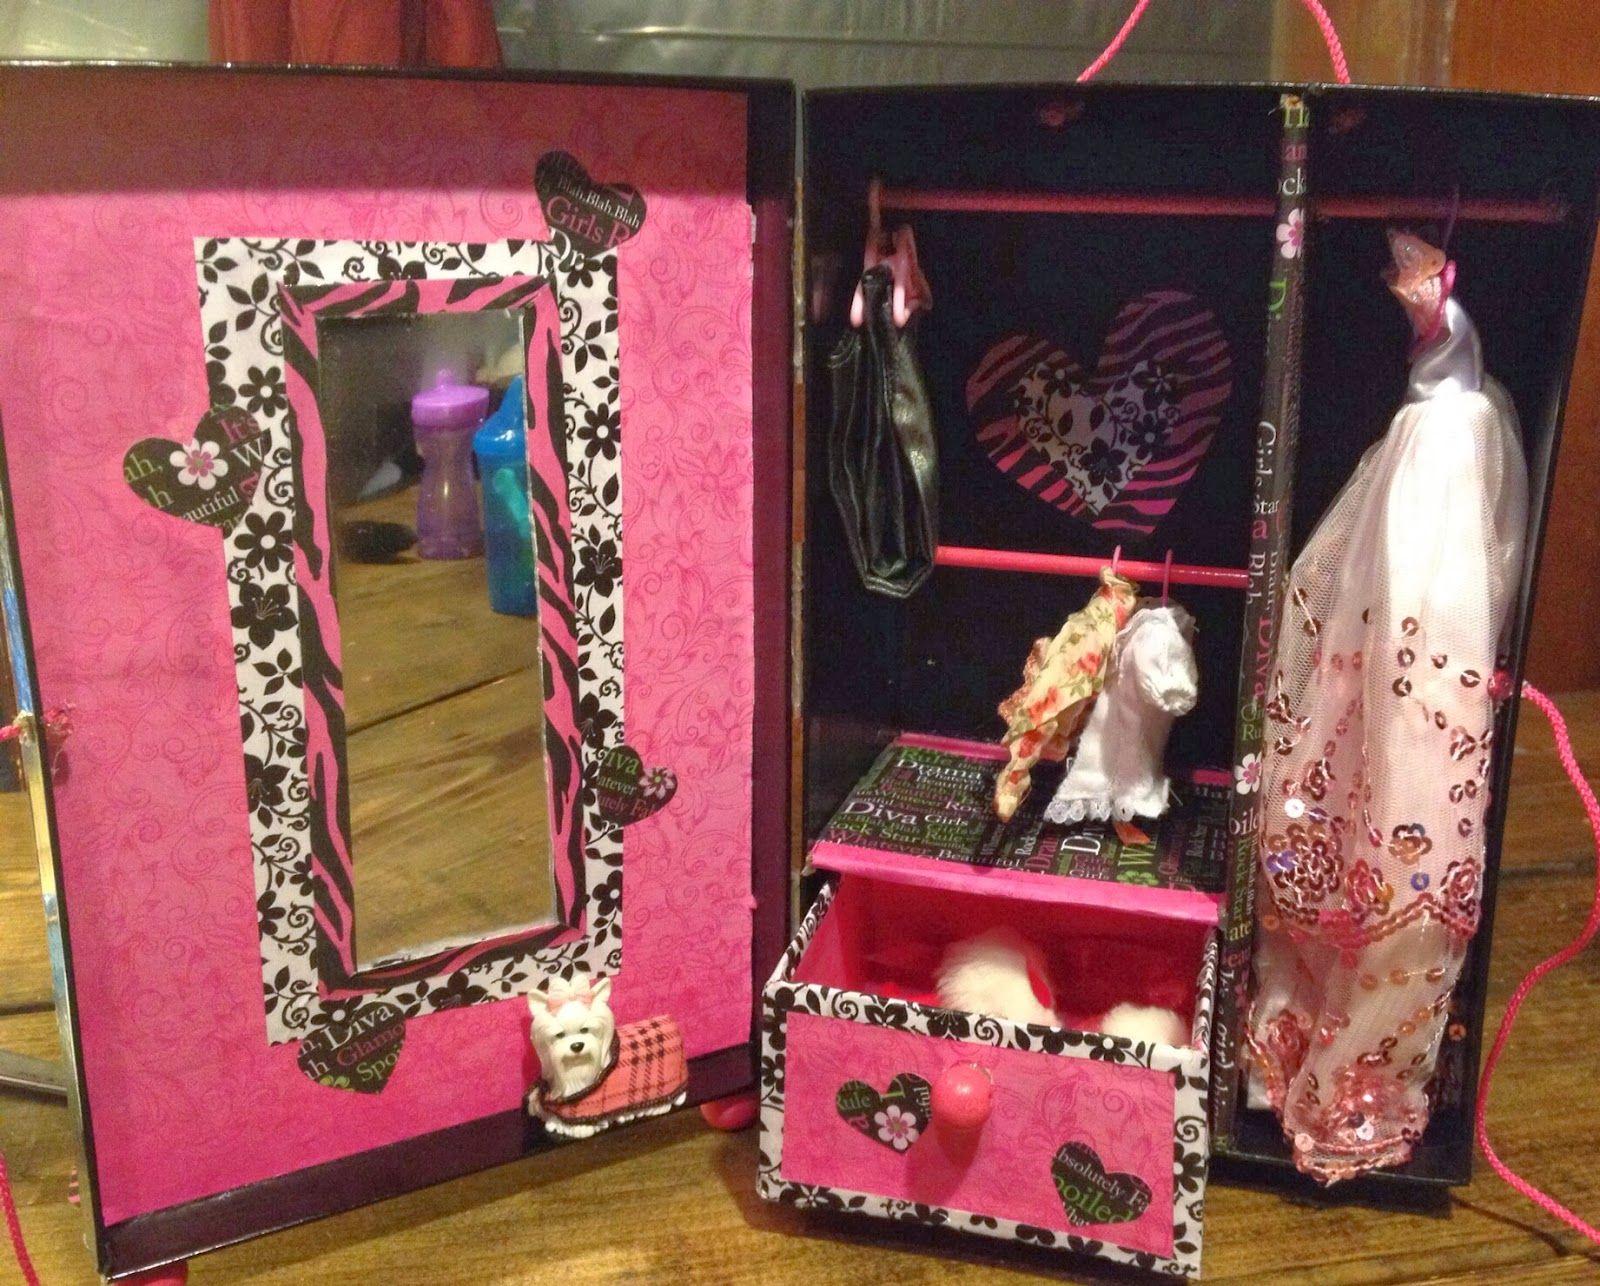 DIY doll wardrobe from photo storage/shoe box DYI barbie